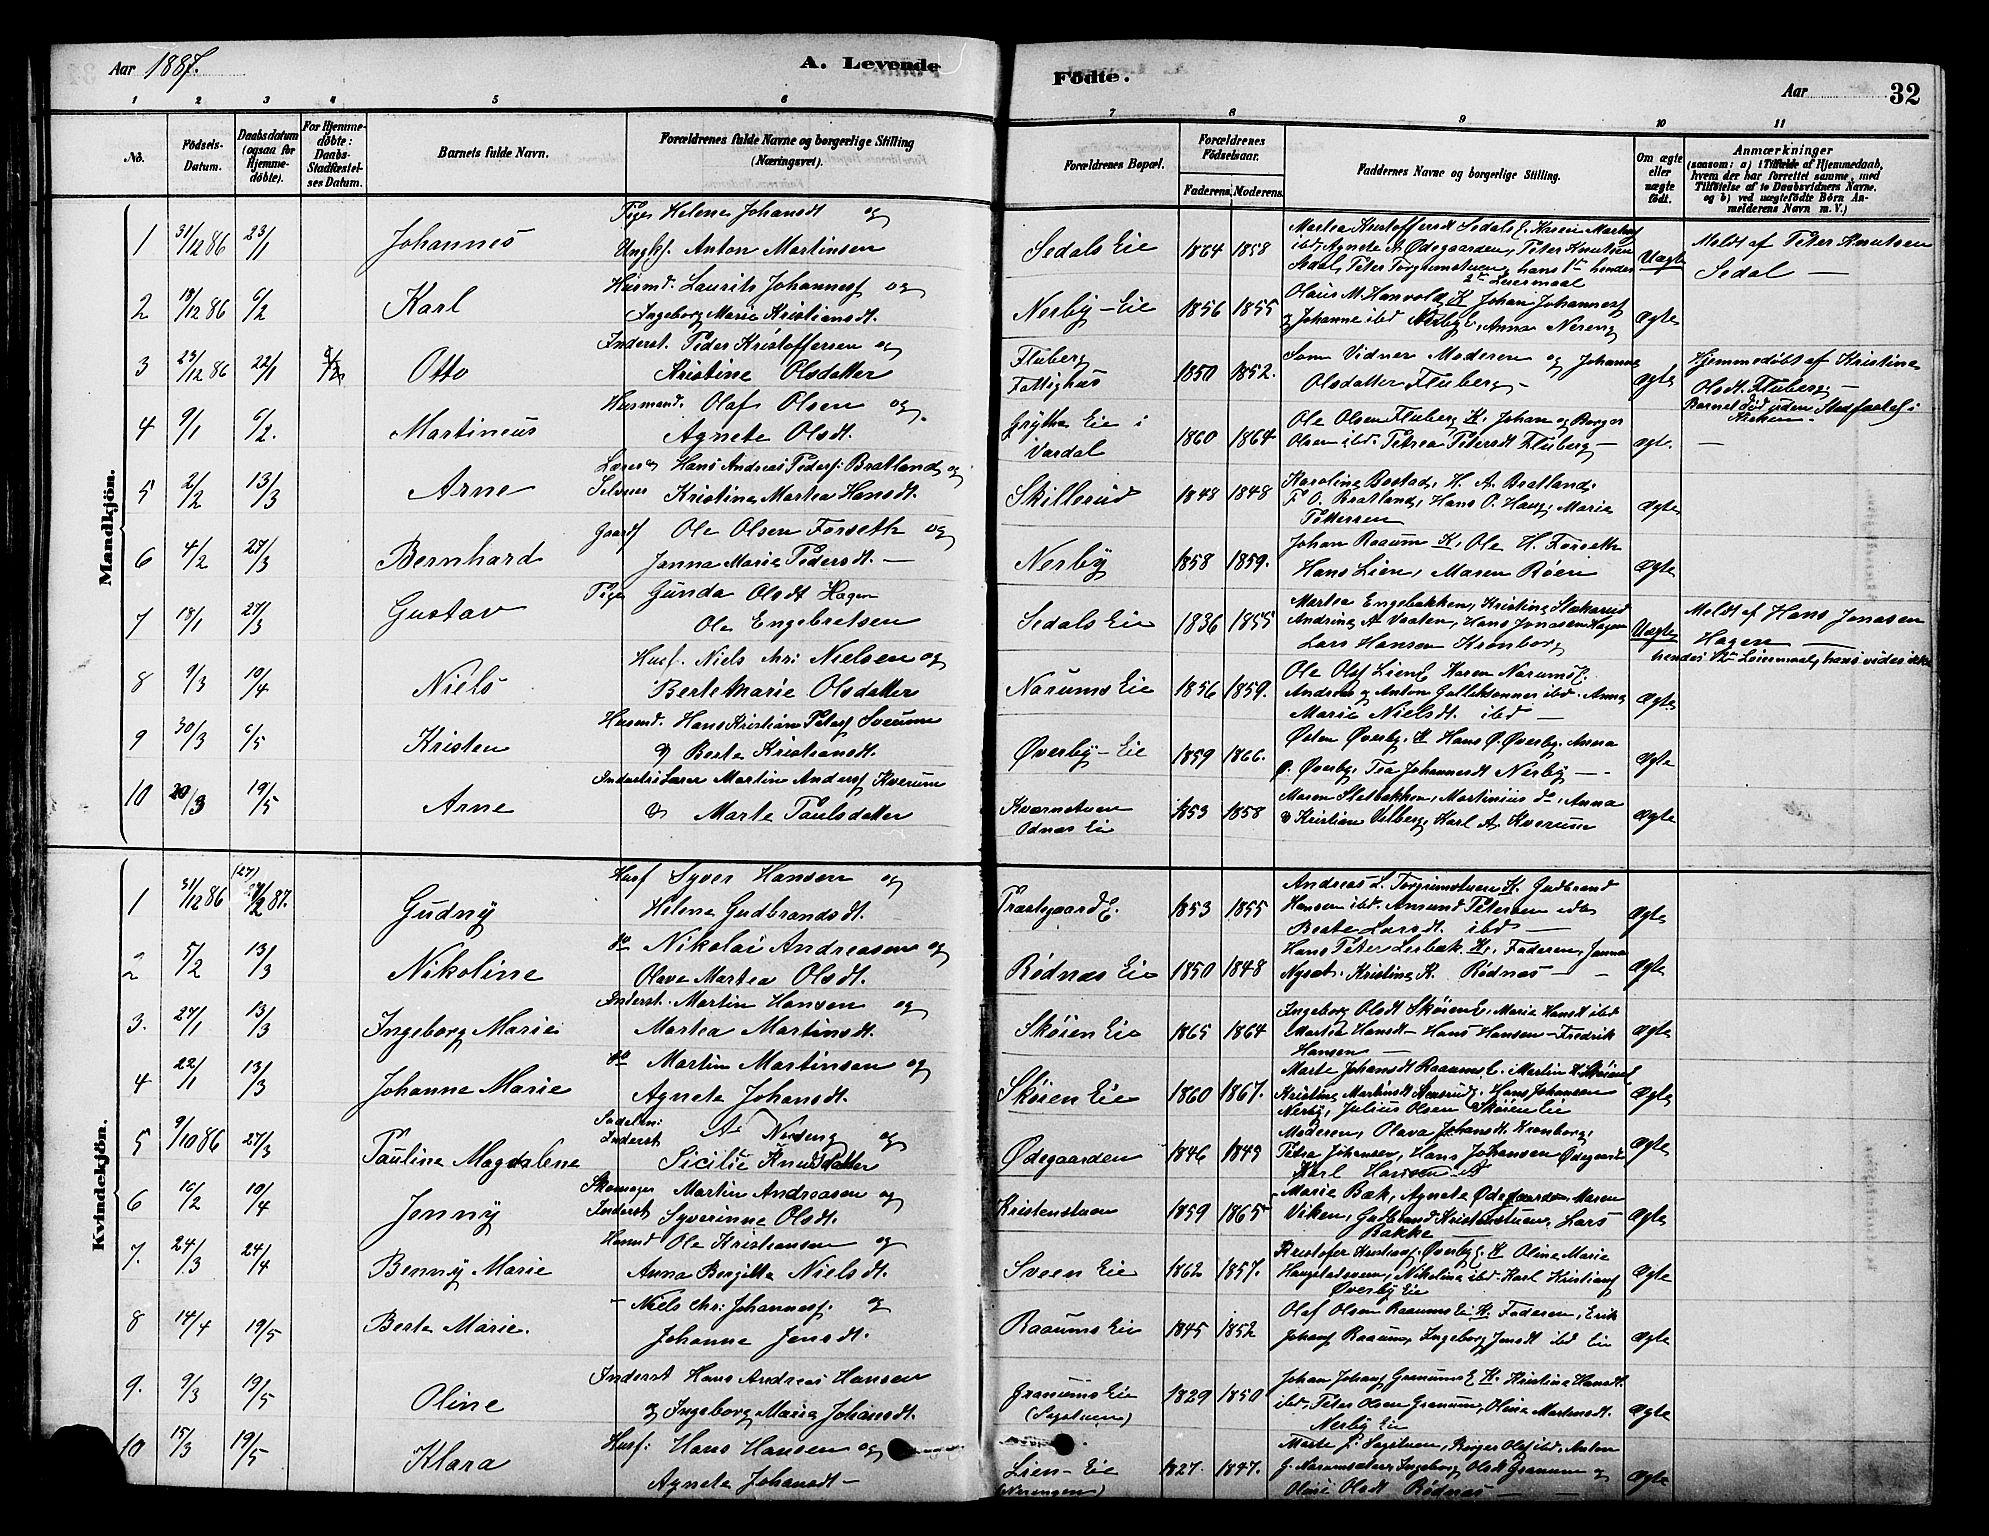 SAH, Søndre Land prestekontor, K/L0002: Ministerialbok nr. 2, 1878-1894, s. 32